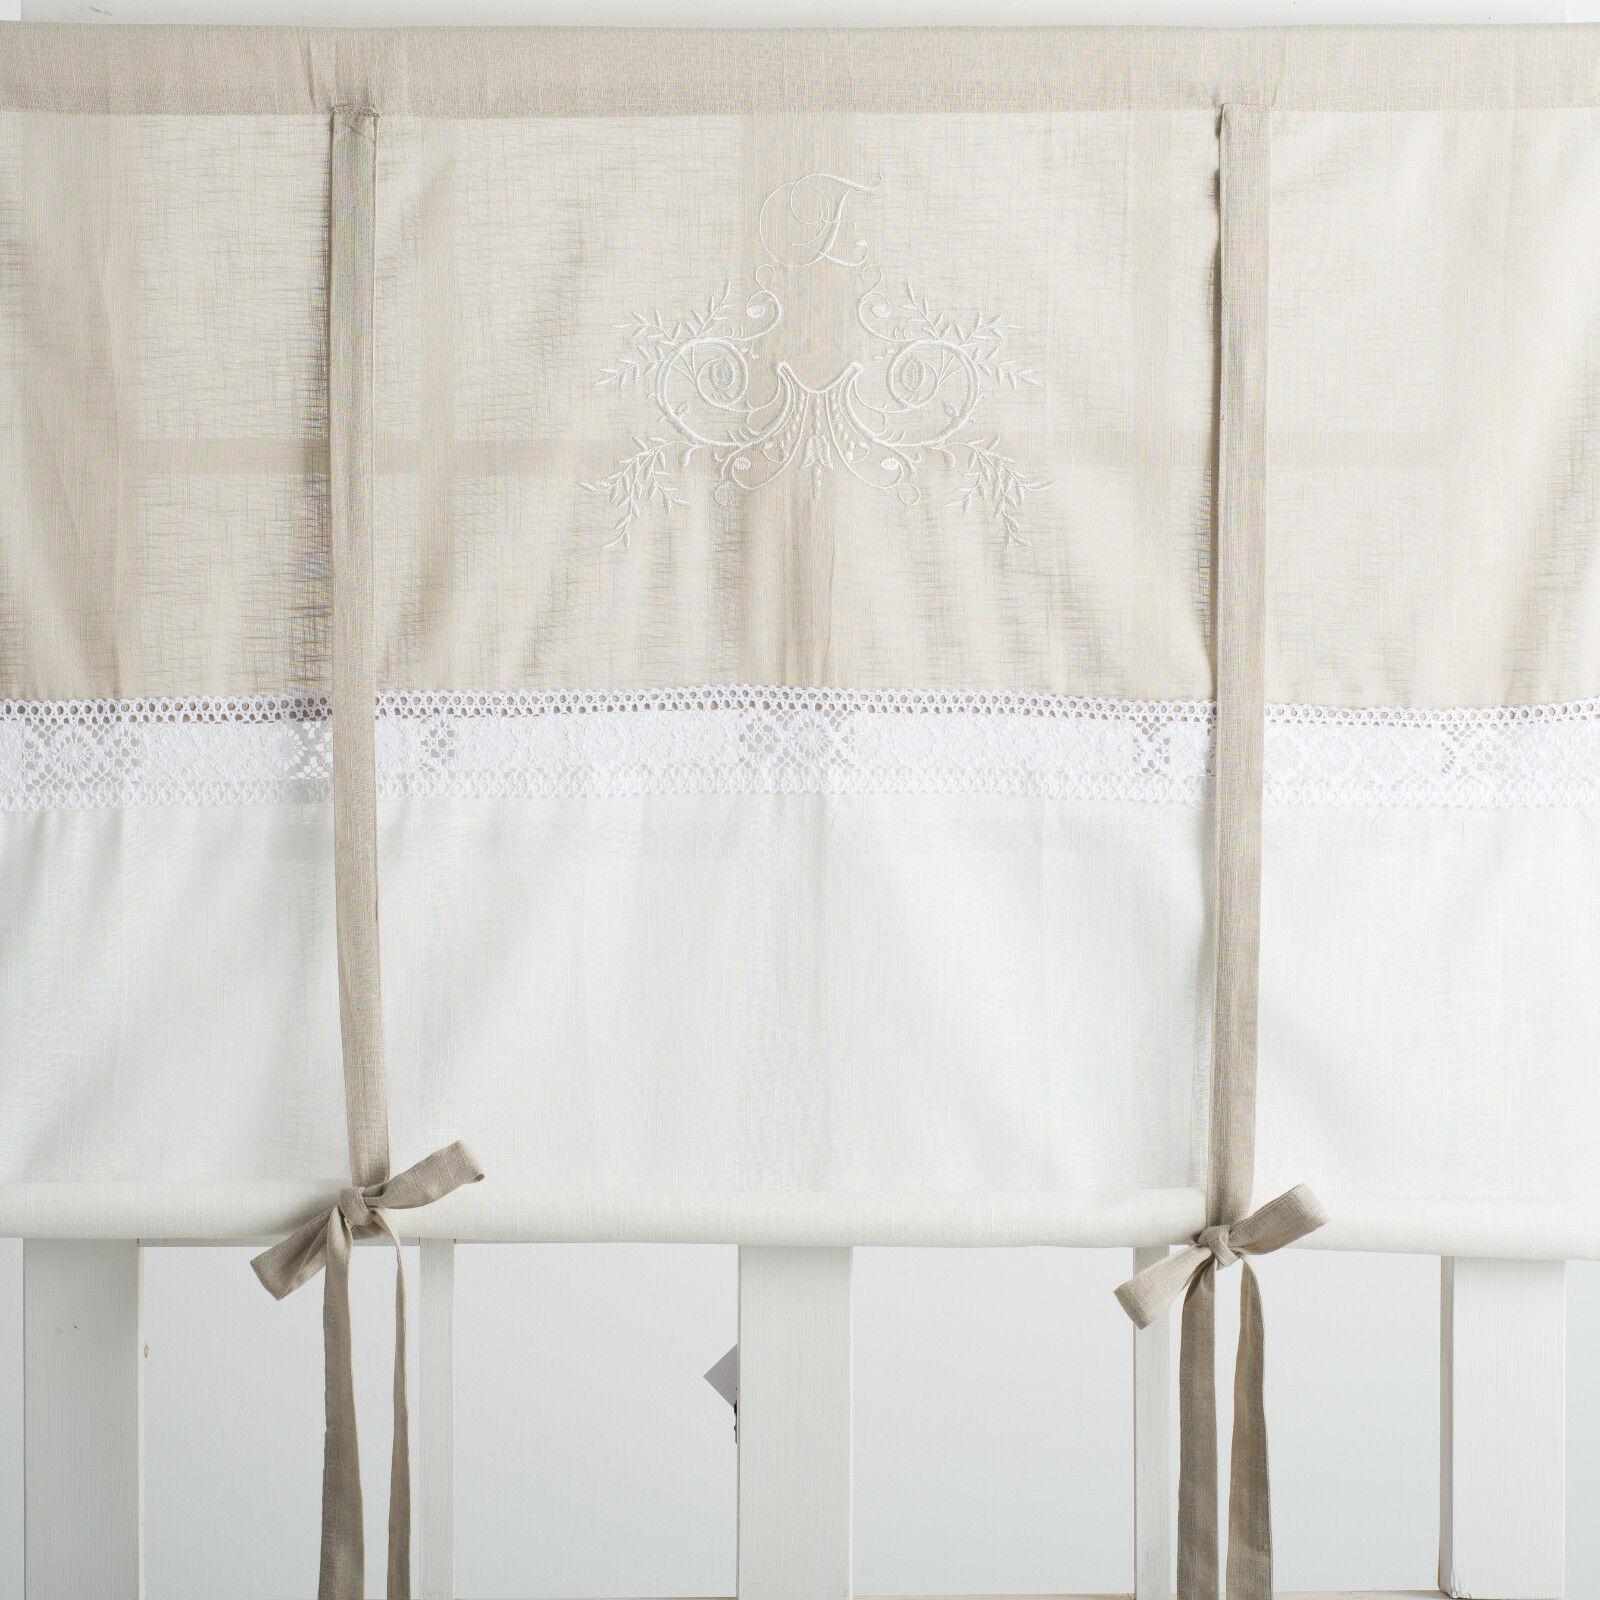 raffgardinen mehr als 500 angebote fotos preise seite 4. Black Bedroom Furniture Sets. Home Design Ideas